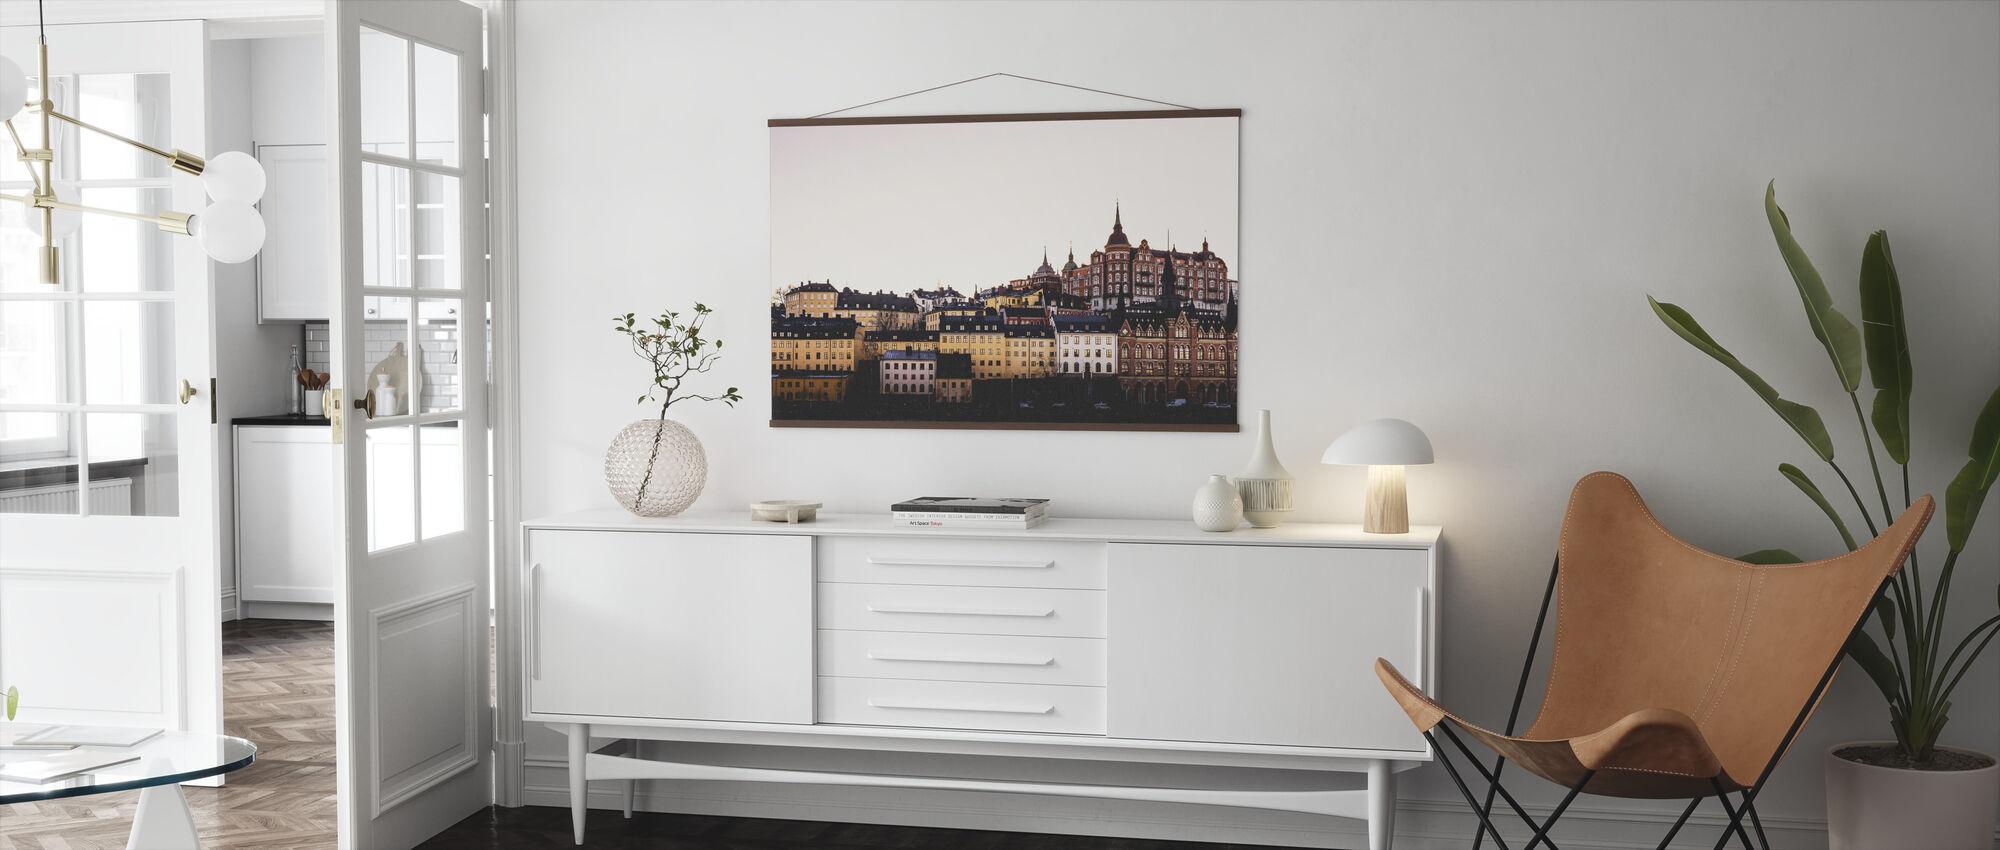 Södermalm Skyline - Poster - Vardagsrum